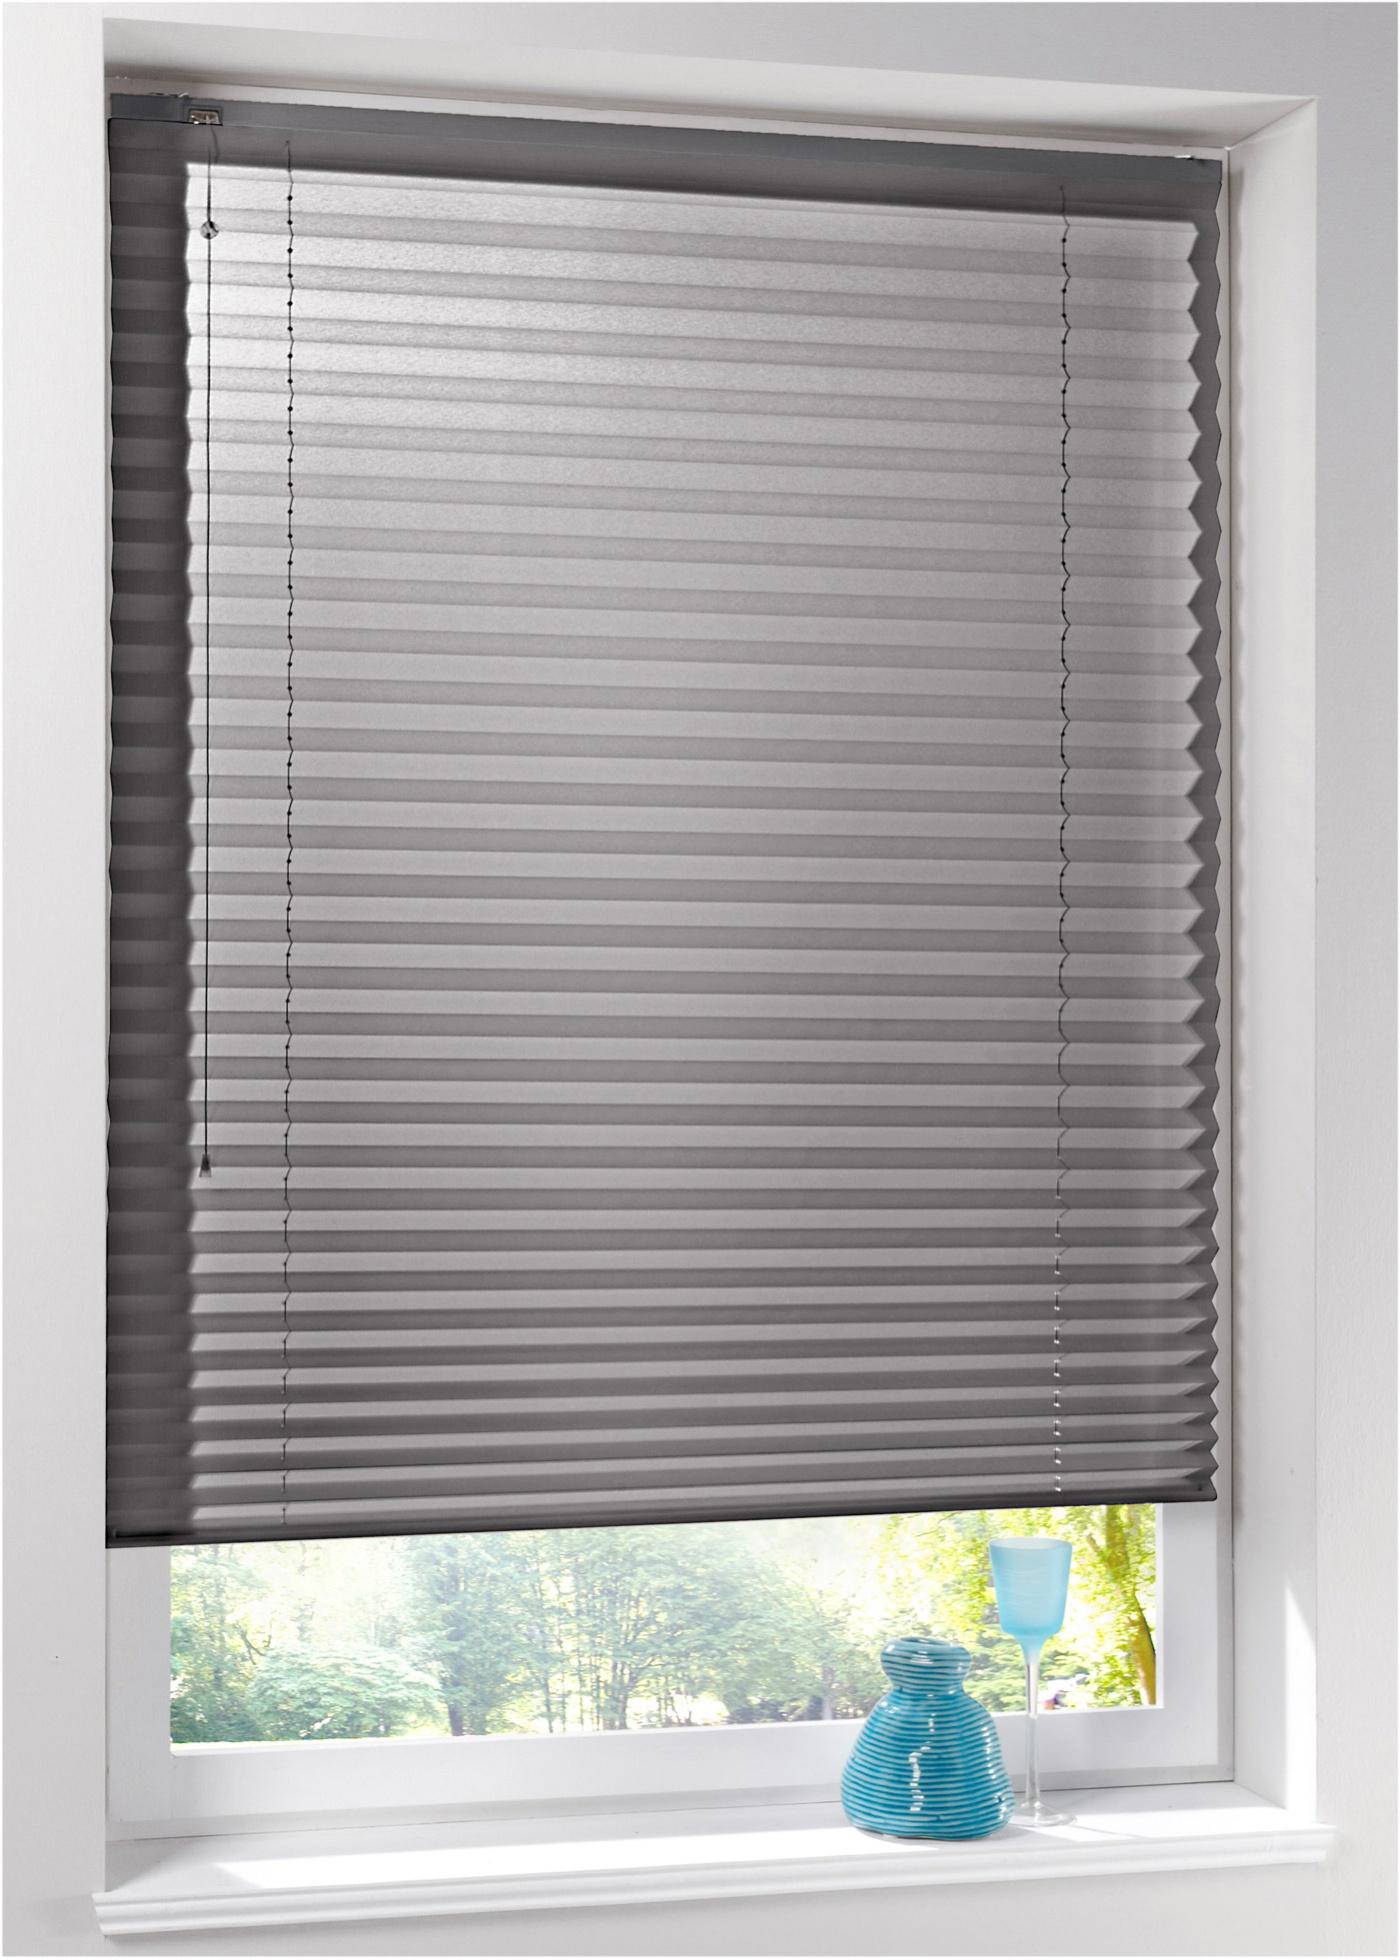 Store plissé proposé dans une belle palette de coloris unis. Option 1 : montage sur fenêtre, sans perçage ni vis, avec supports de fixation sur le cadre de fenêtre. Option 2 : montage sur plafond, avec perçage et vis. Protège de la lumière et des regards